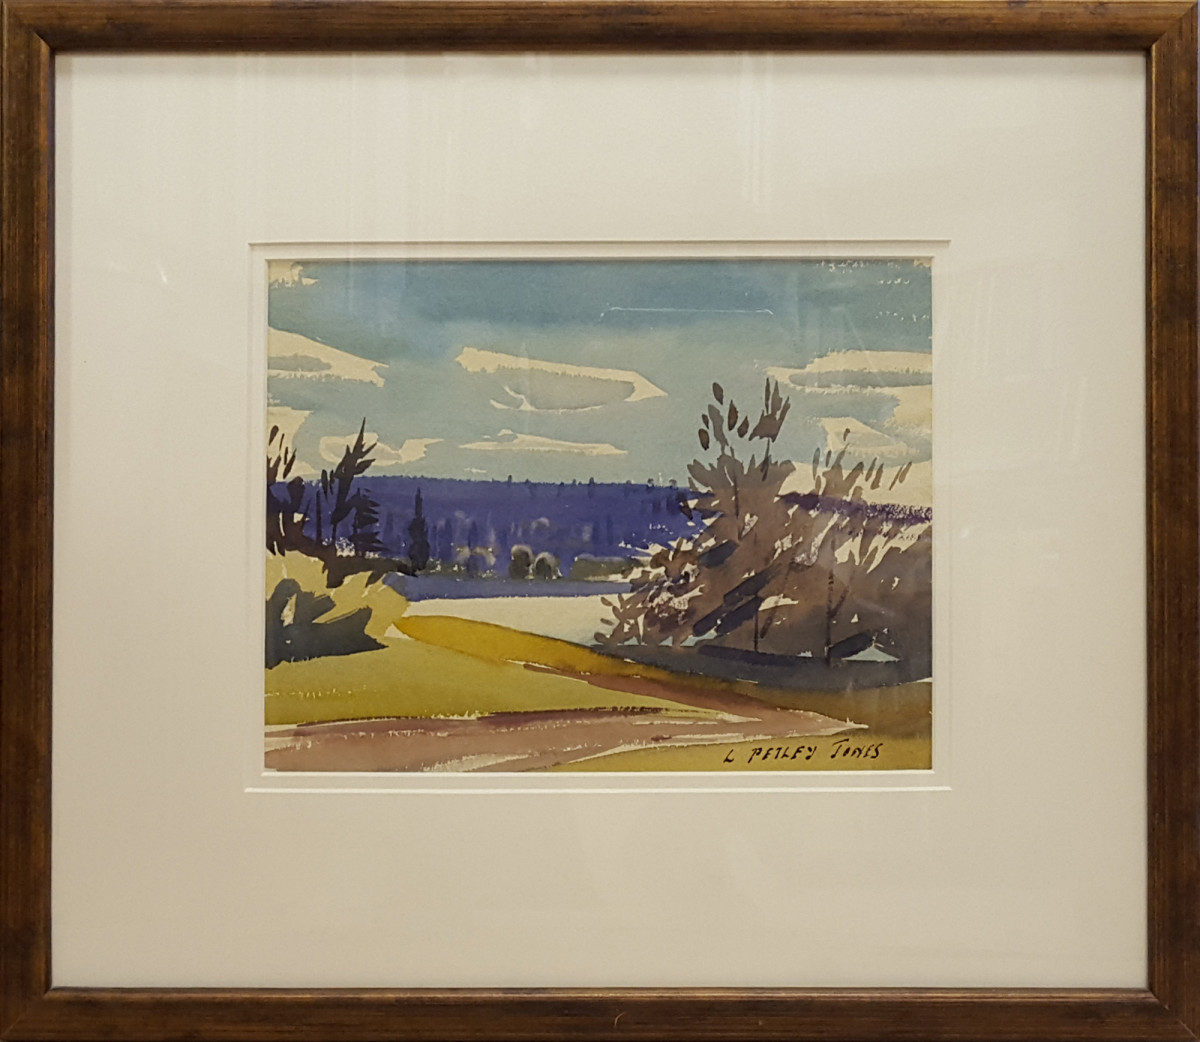 2349 - Road by the Mcleod River August 22 1932, Alberta by Llewellyn Petley-Jones (1908-1986)